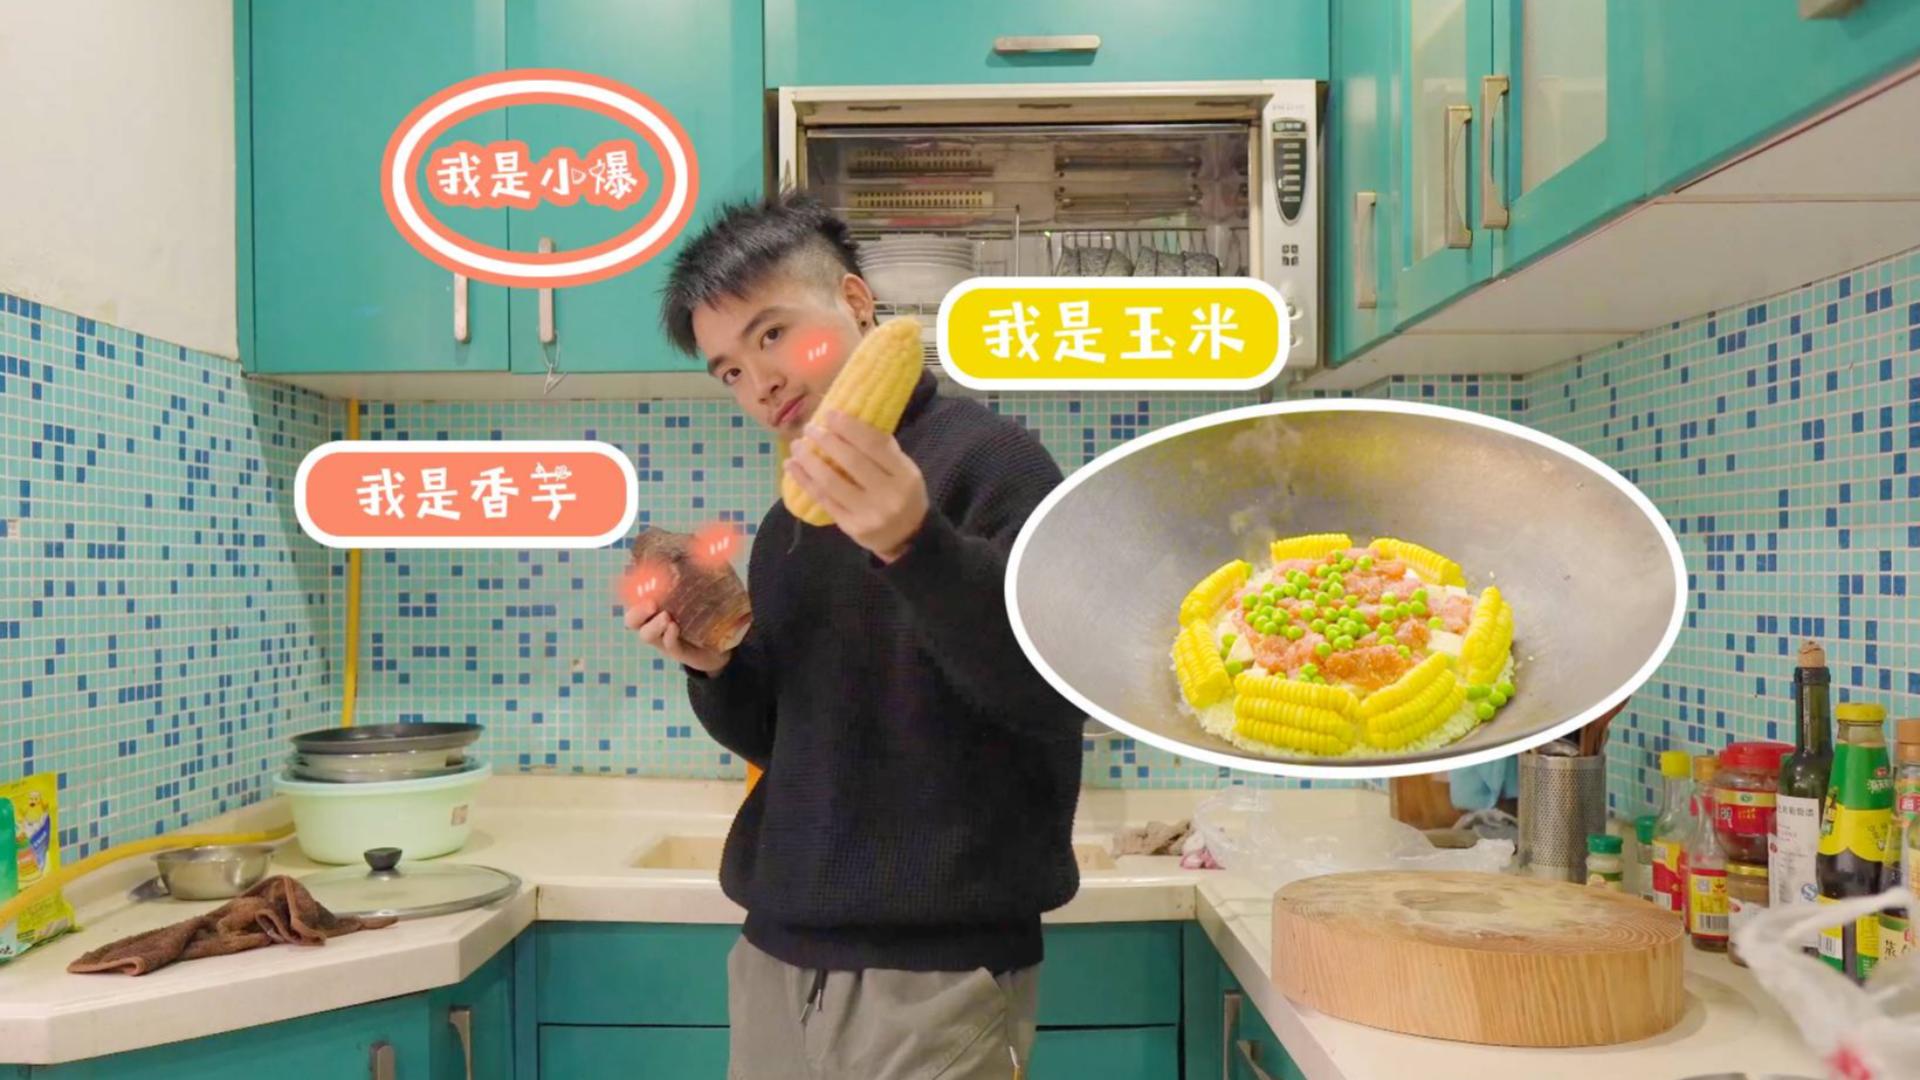 今日分享香芋蒸饭,俗话说:做饭一时爽,吃饭一直爽。记得按时吃饭!